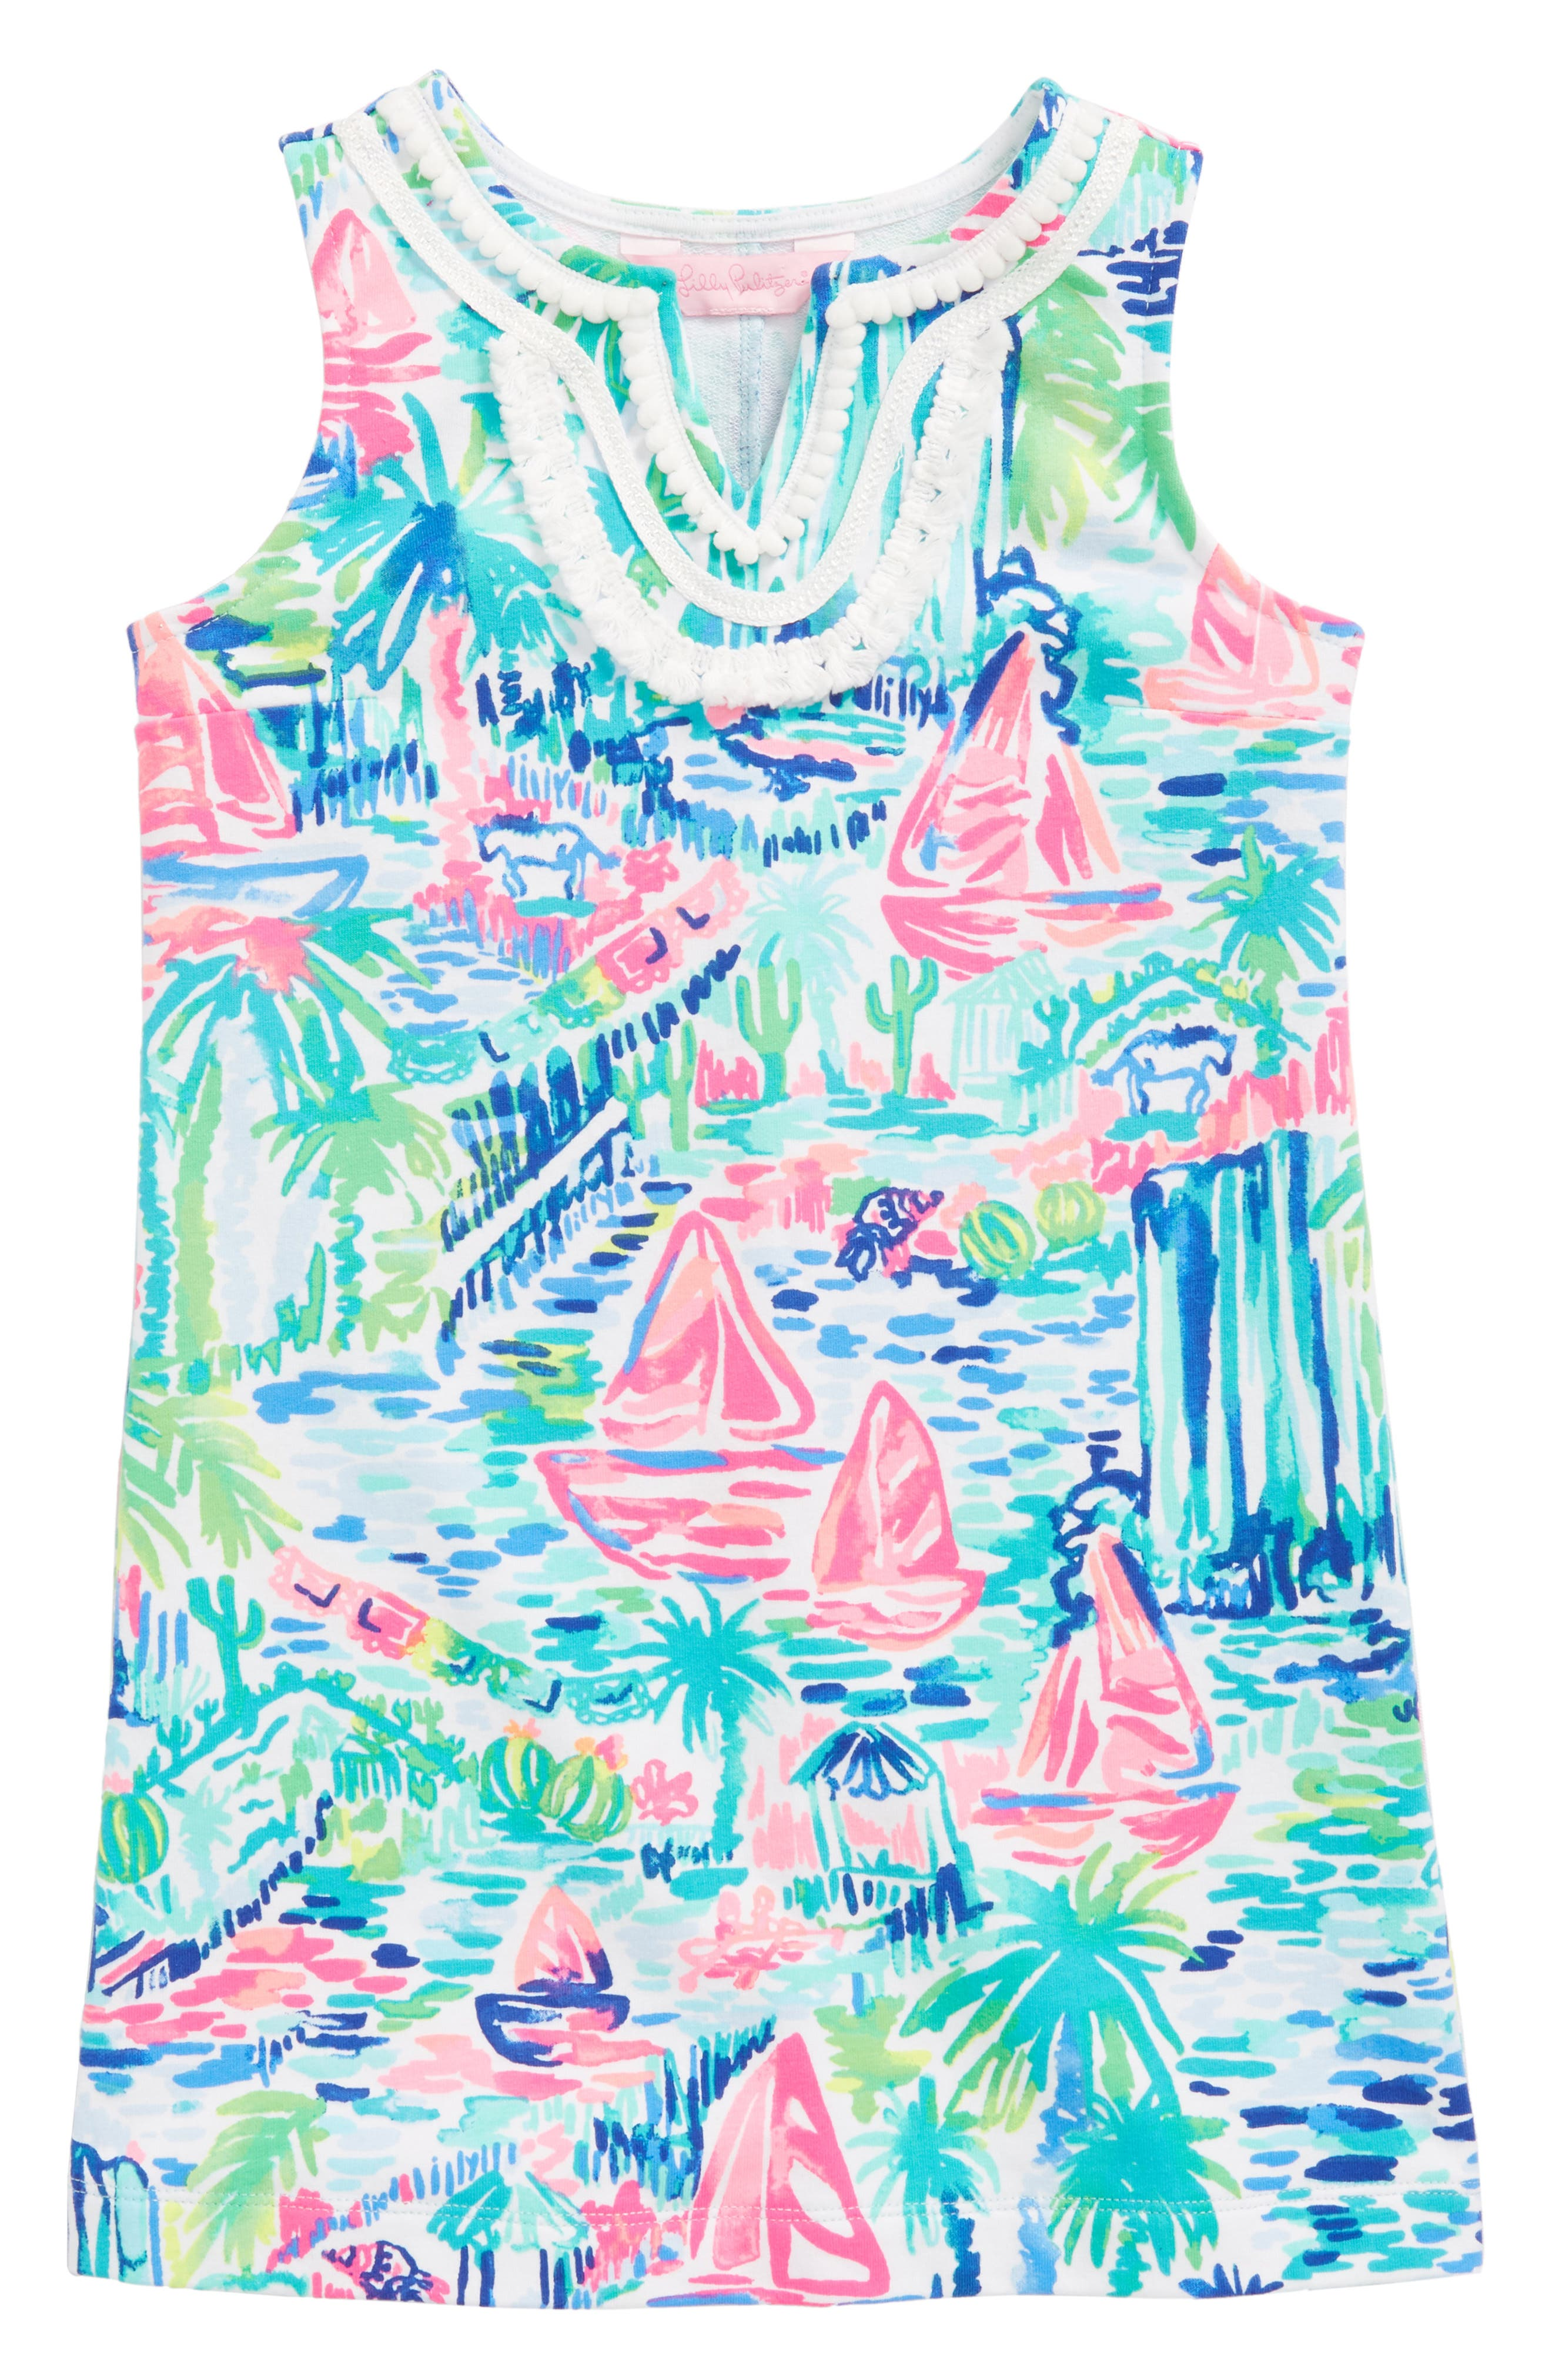 Mini Harper Shift Dress,                             Main thumbnail 1, color,                             400